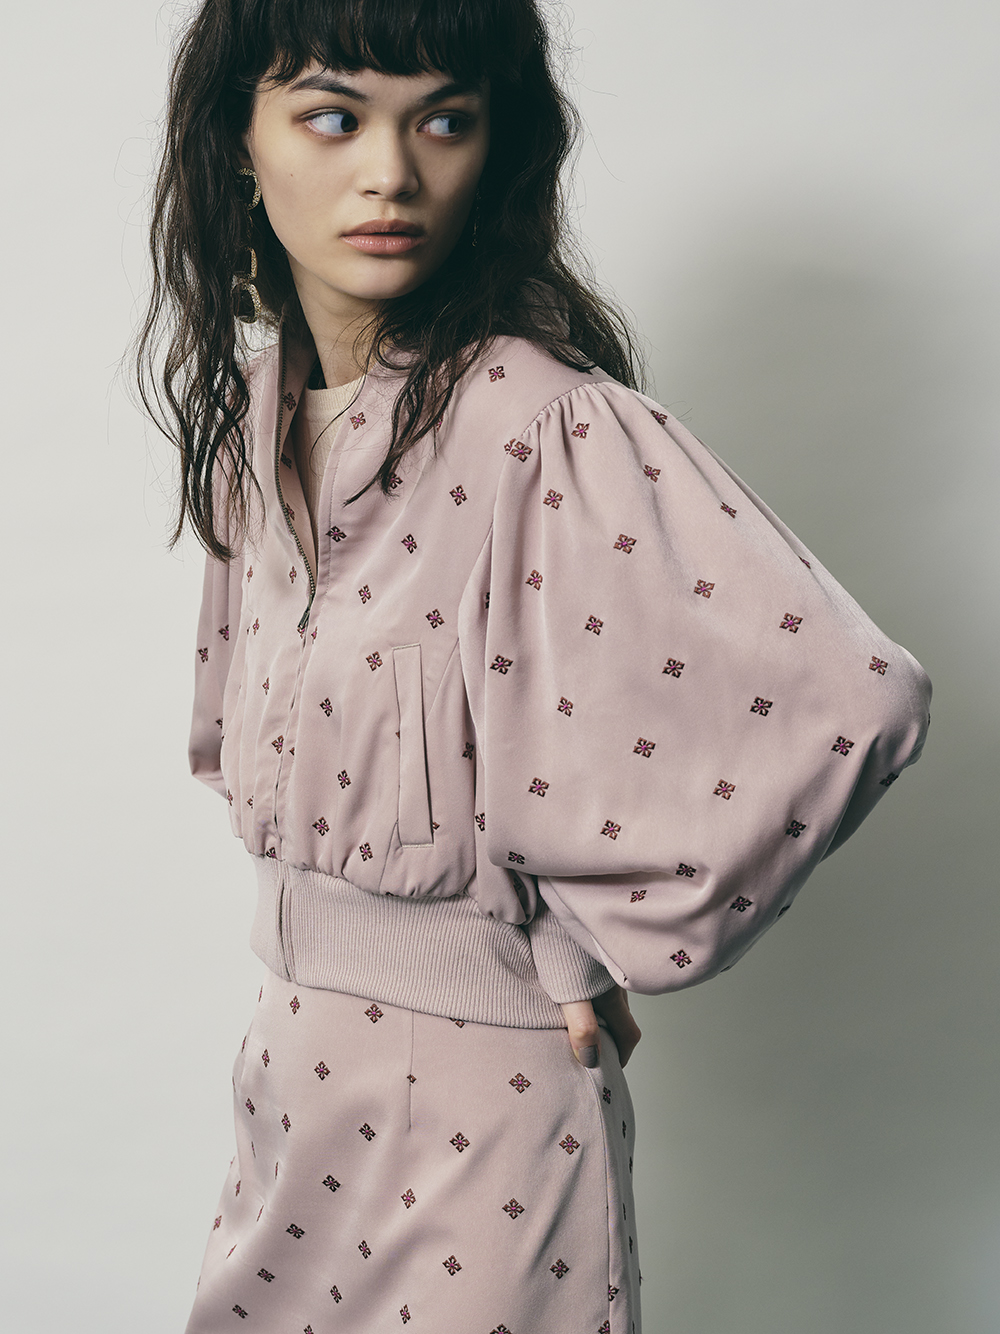 小紋刺繡外套